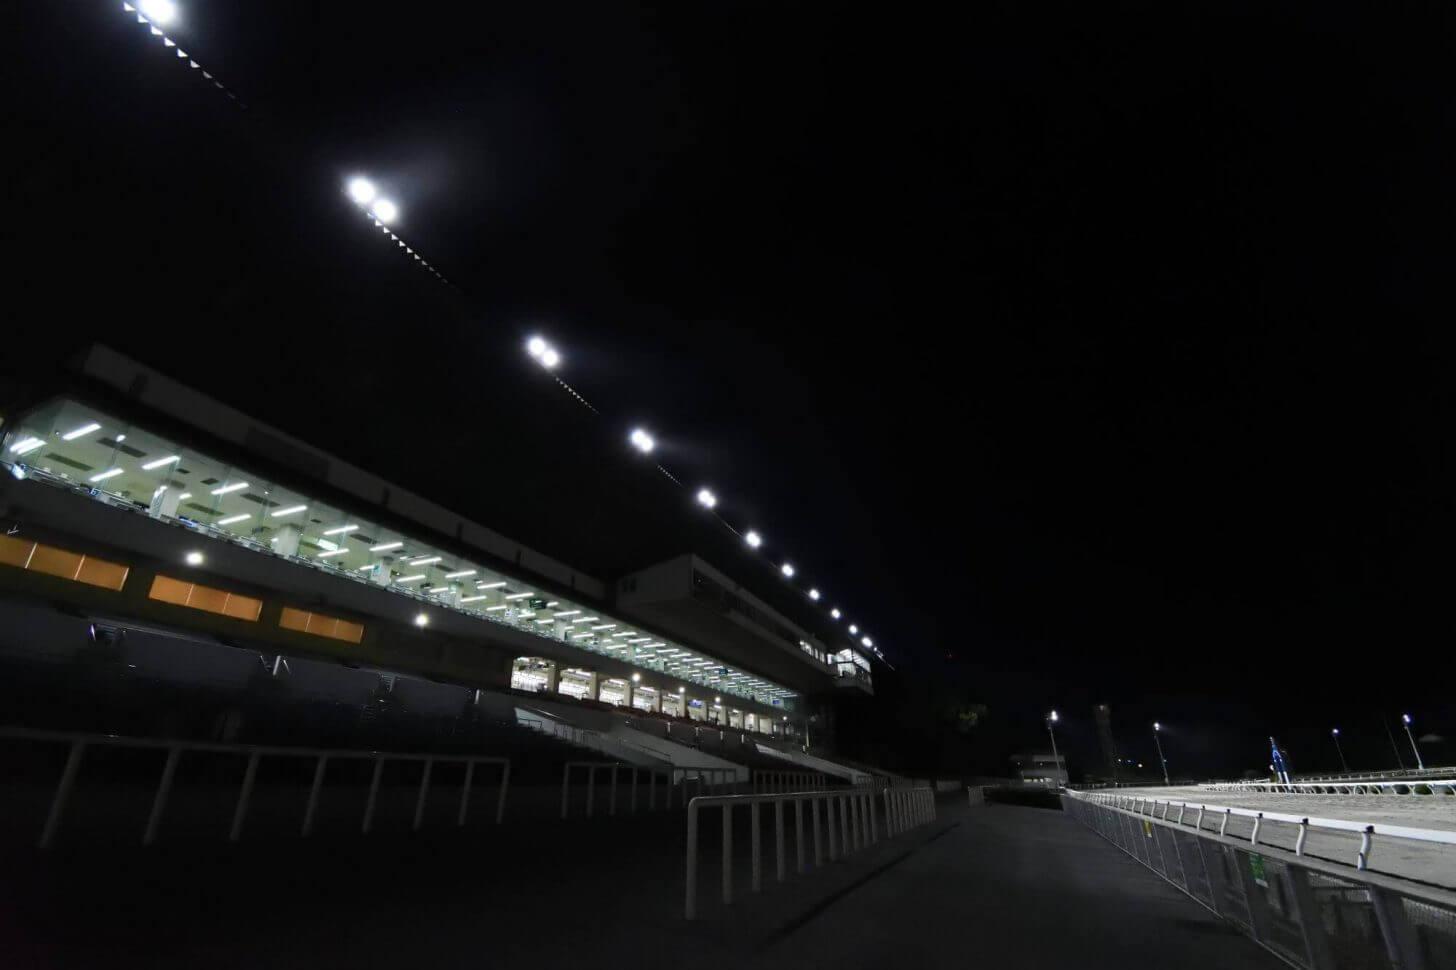 ナイター照明に映える高知競馬場